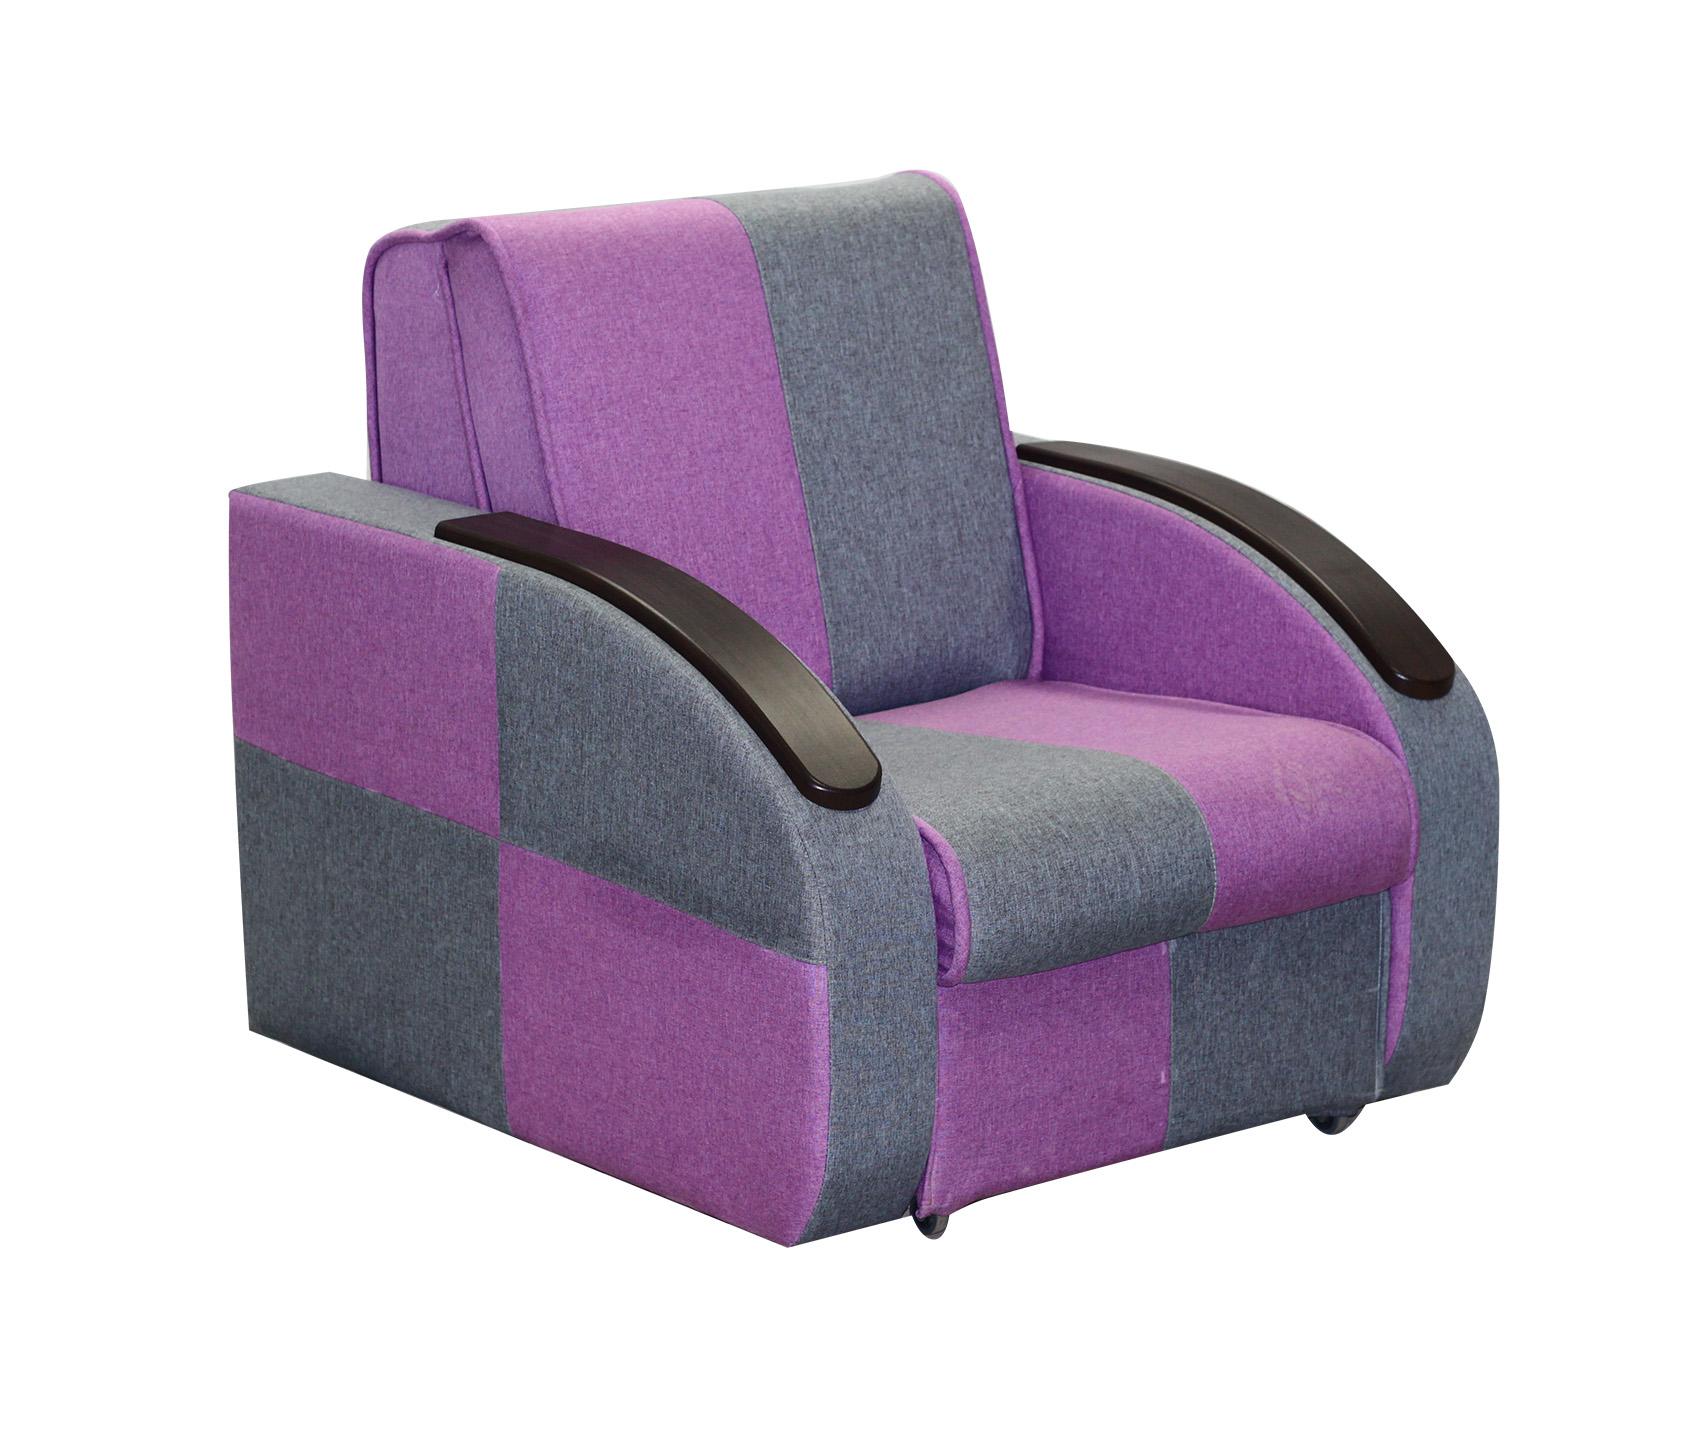 Кресло-кровать Фишер-Акция — Кресло-кровать Фишер